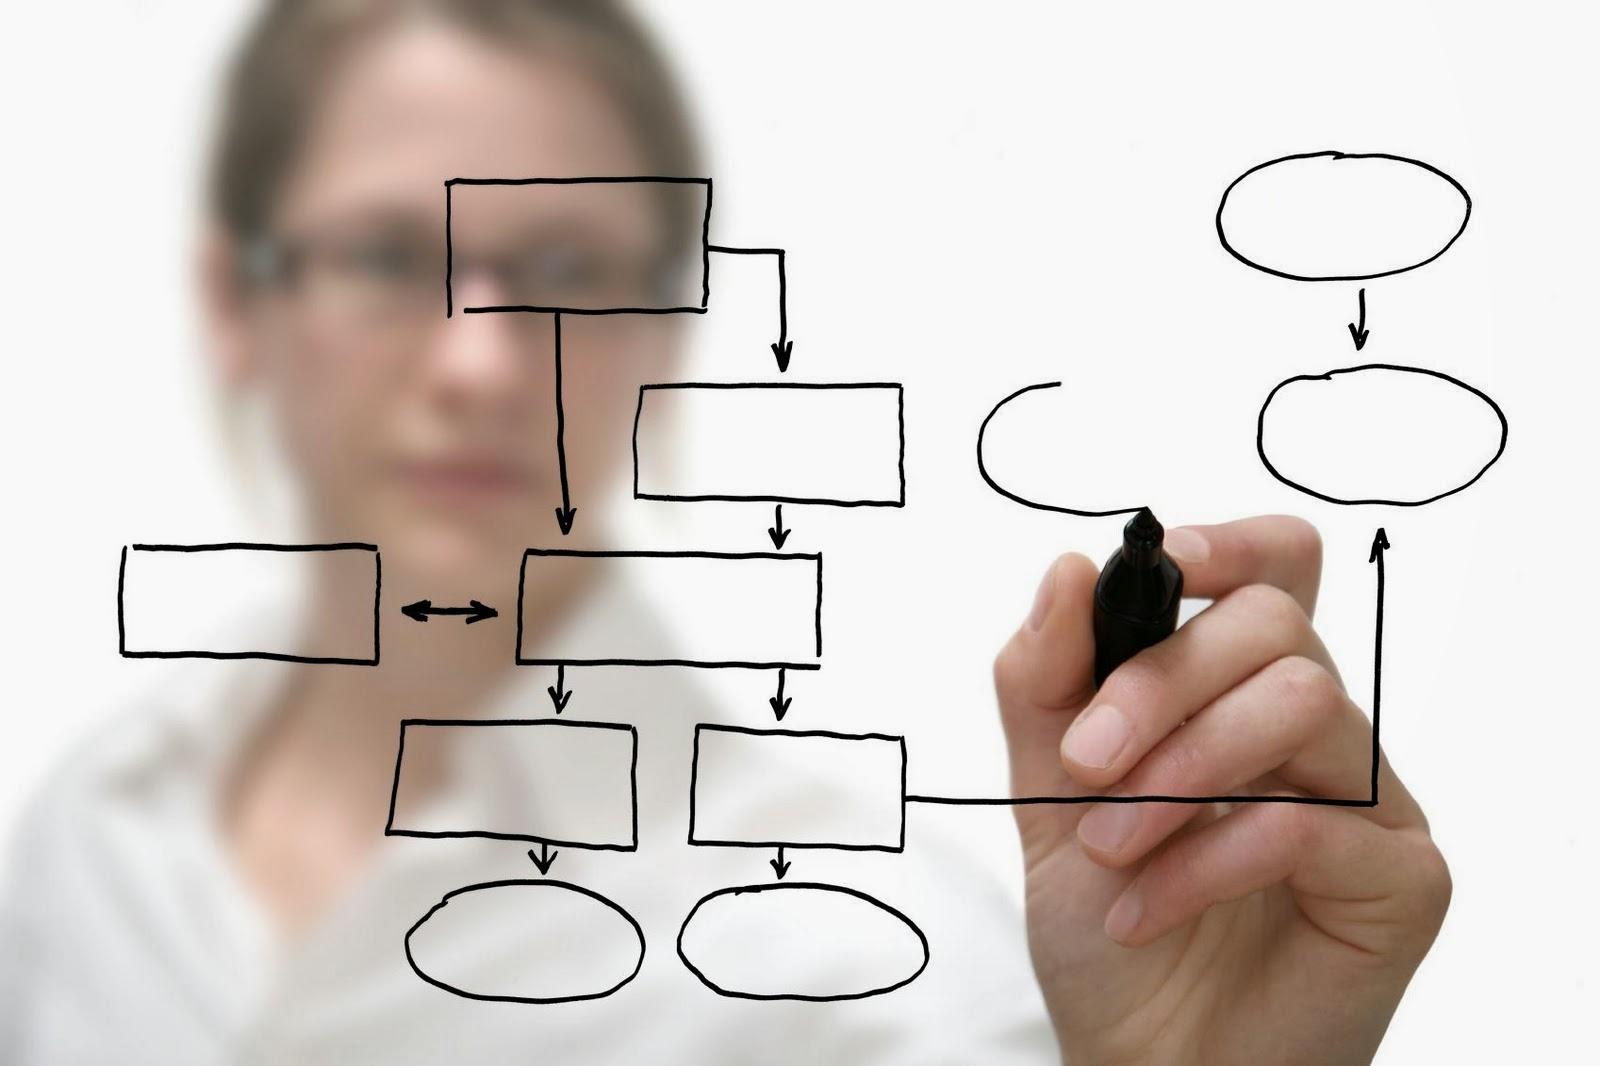 Manajemen Proyek Integrasi, Manajemen Konstruksi Proyek